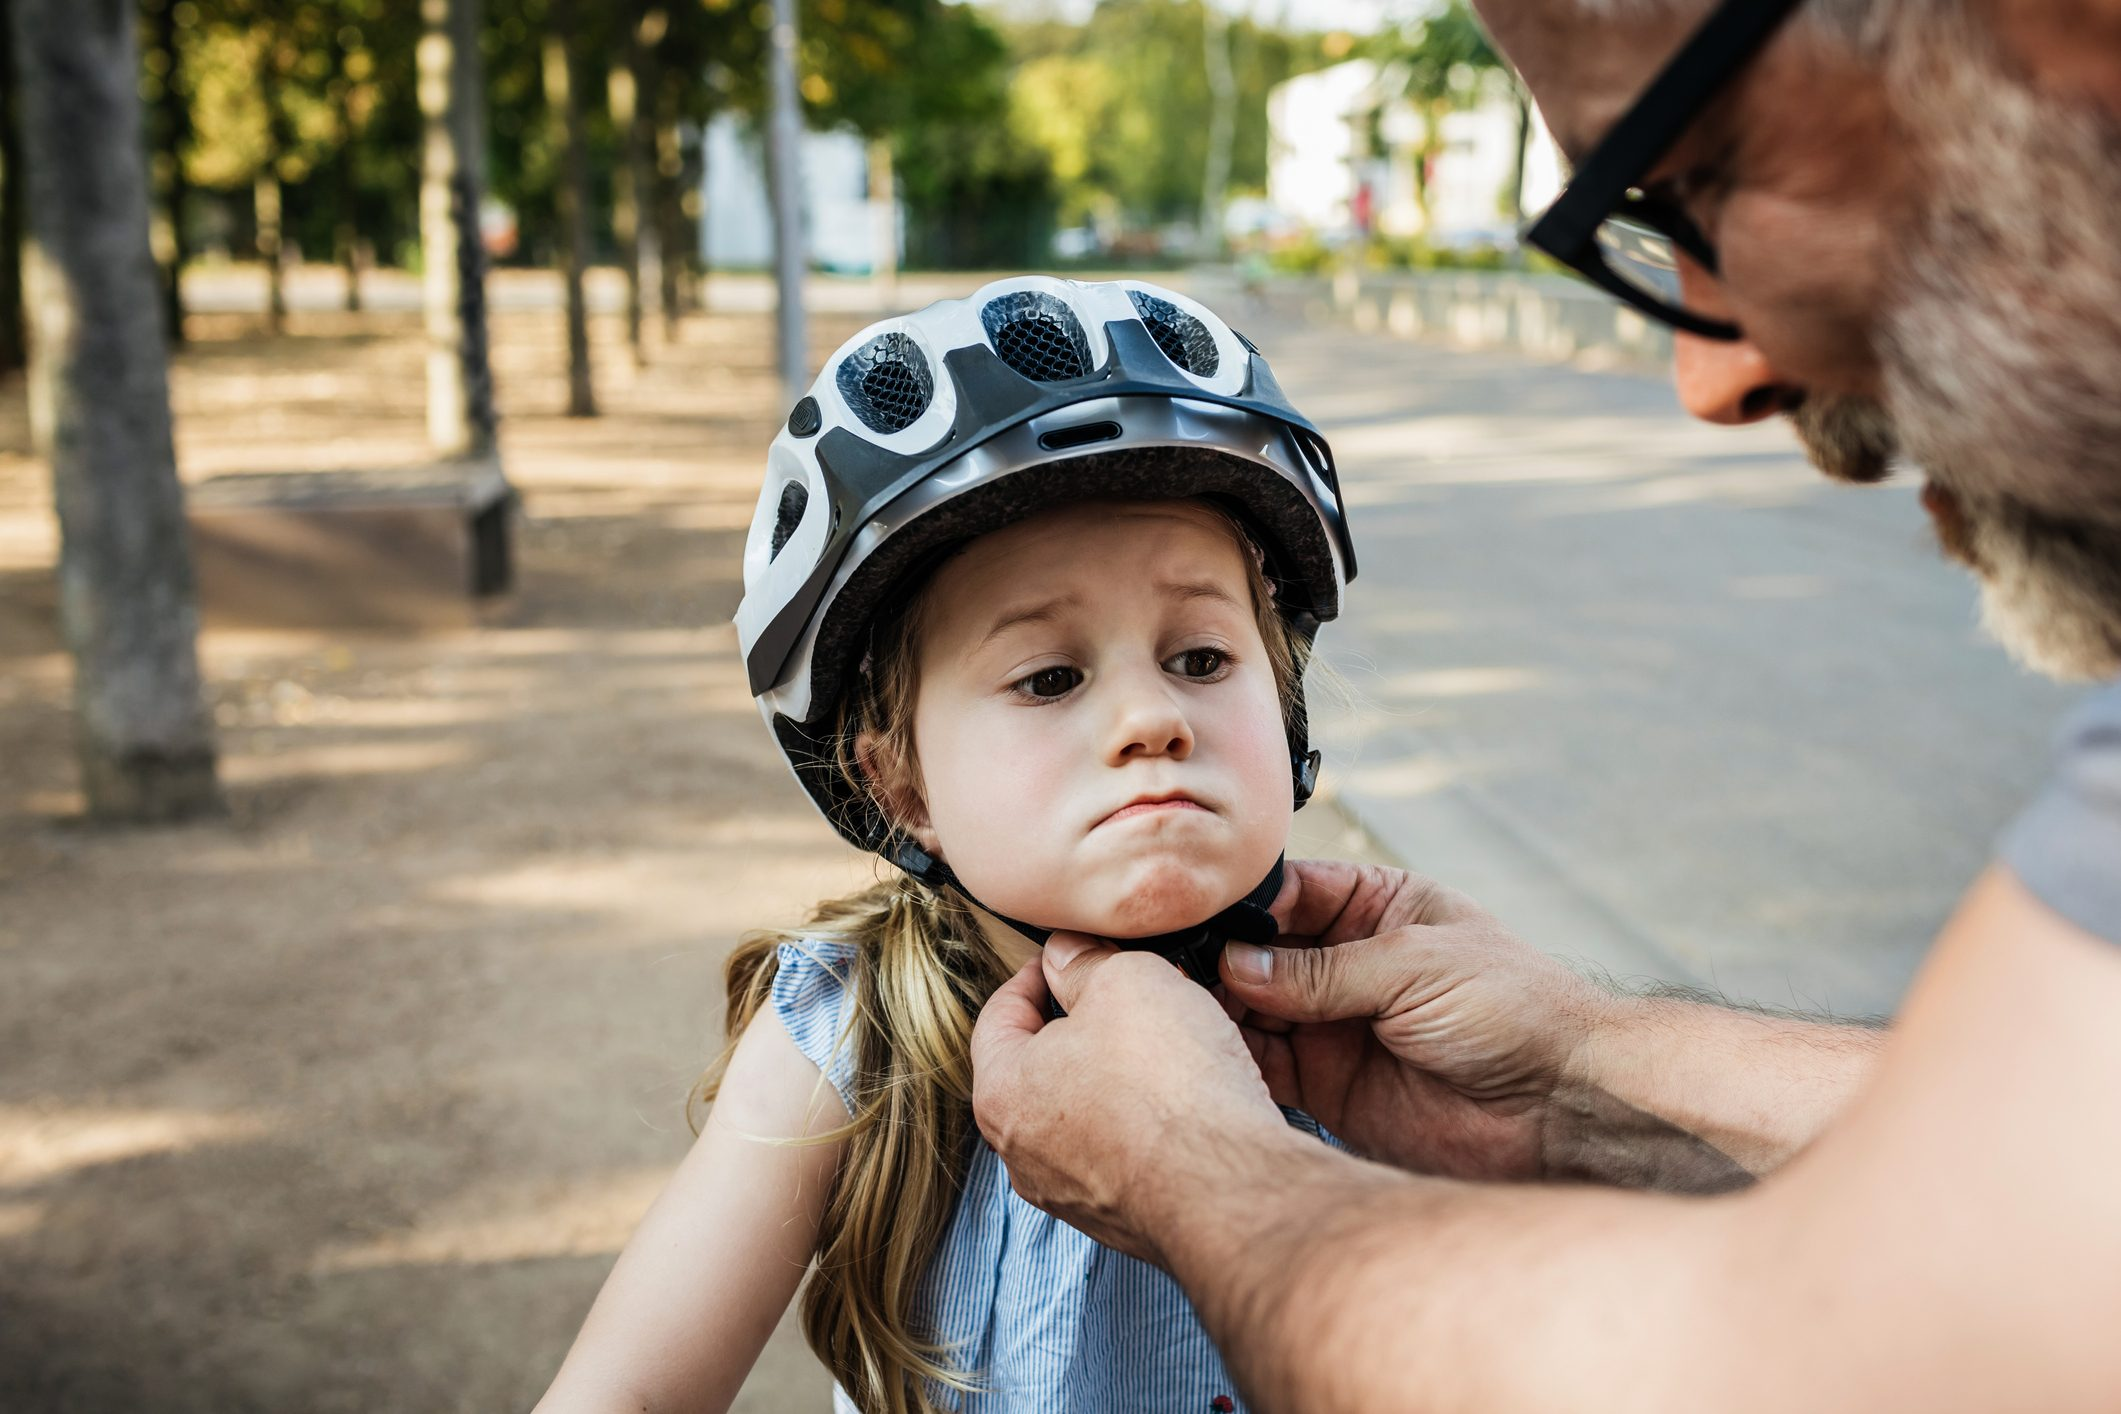 Grandpa Doing Up Granddaughter's Crash Helmet